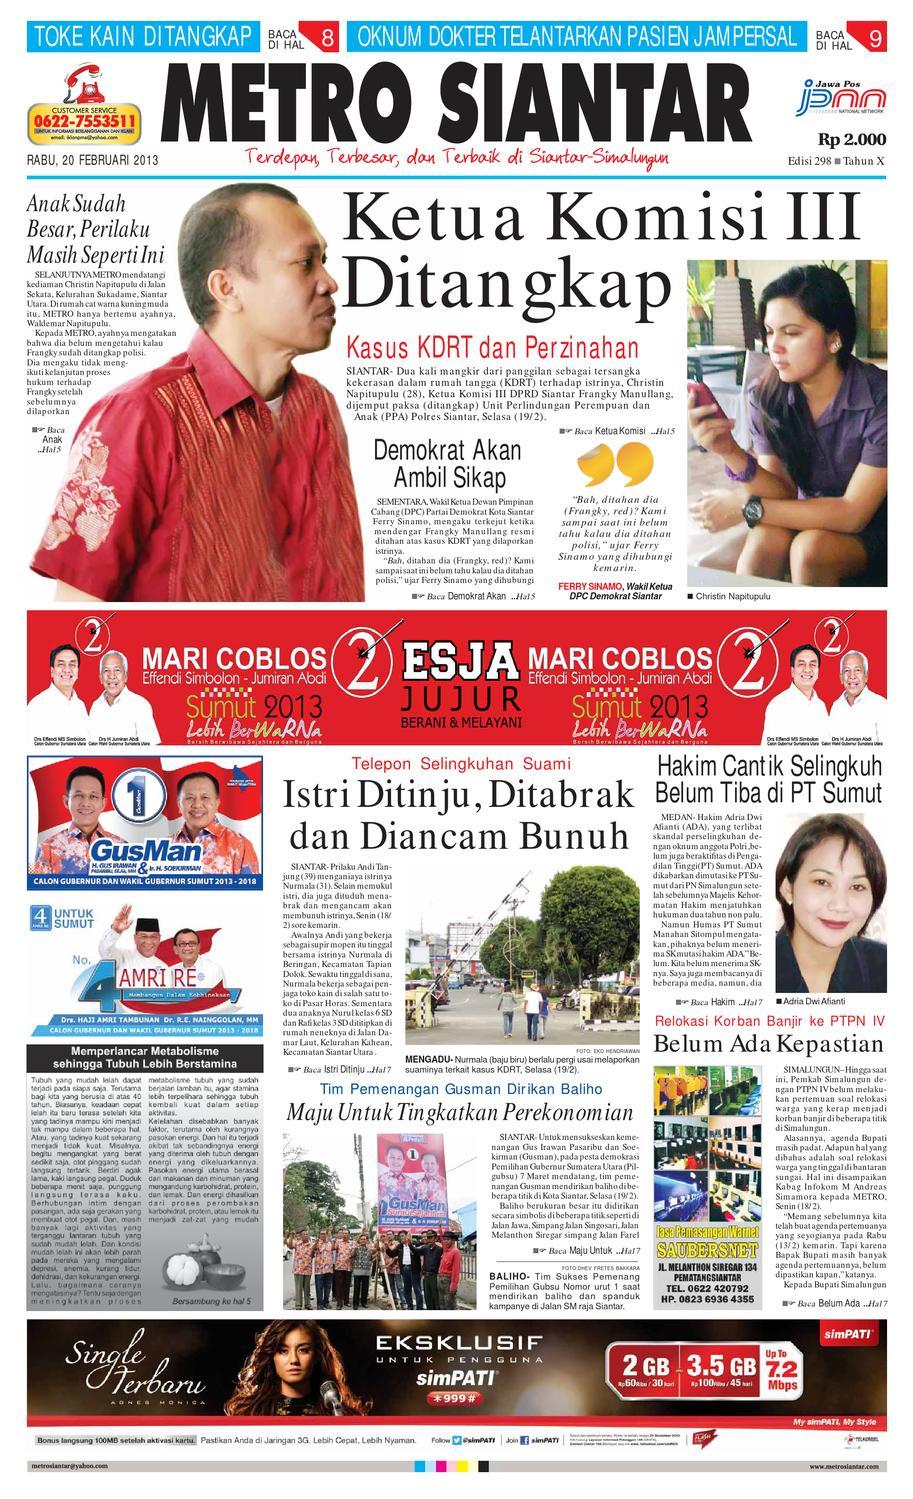 Epaper Metro Siantar Online By Issuu Extri Jam Tangan Pria X3001d Swasa